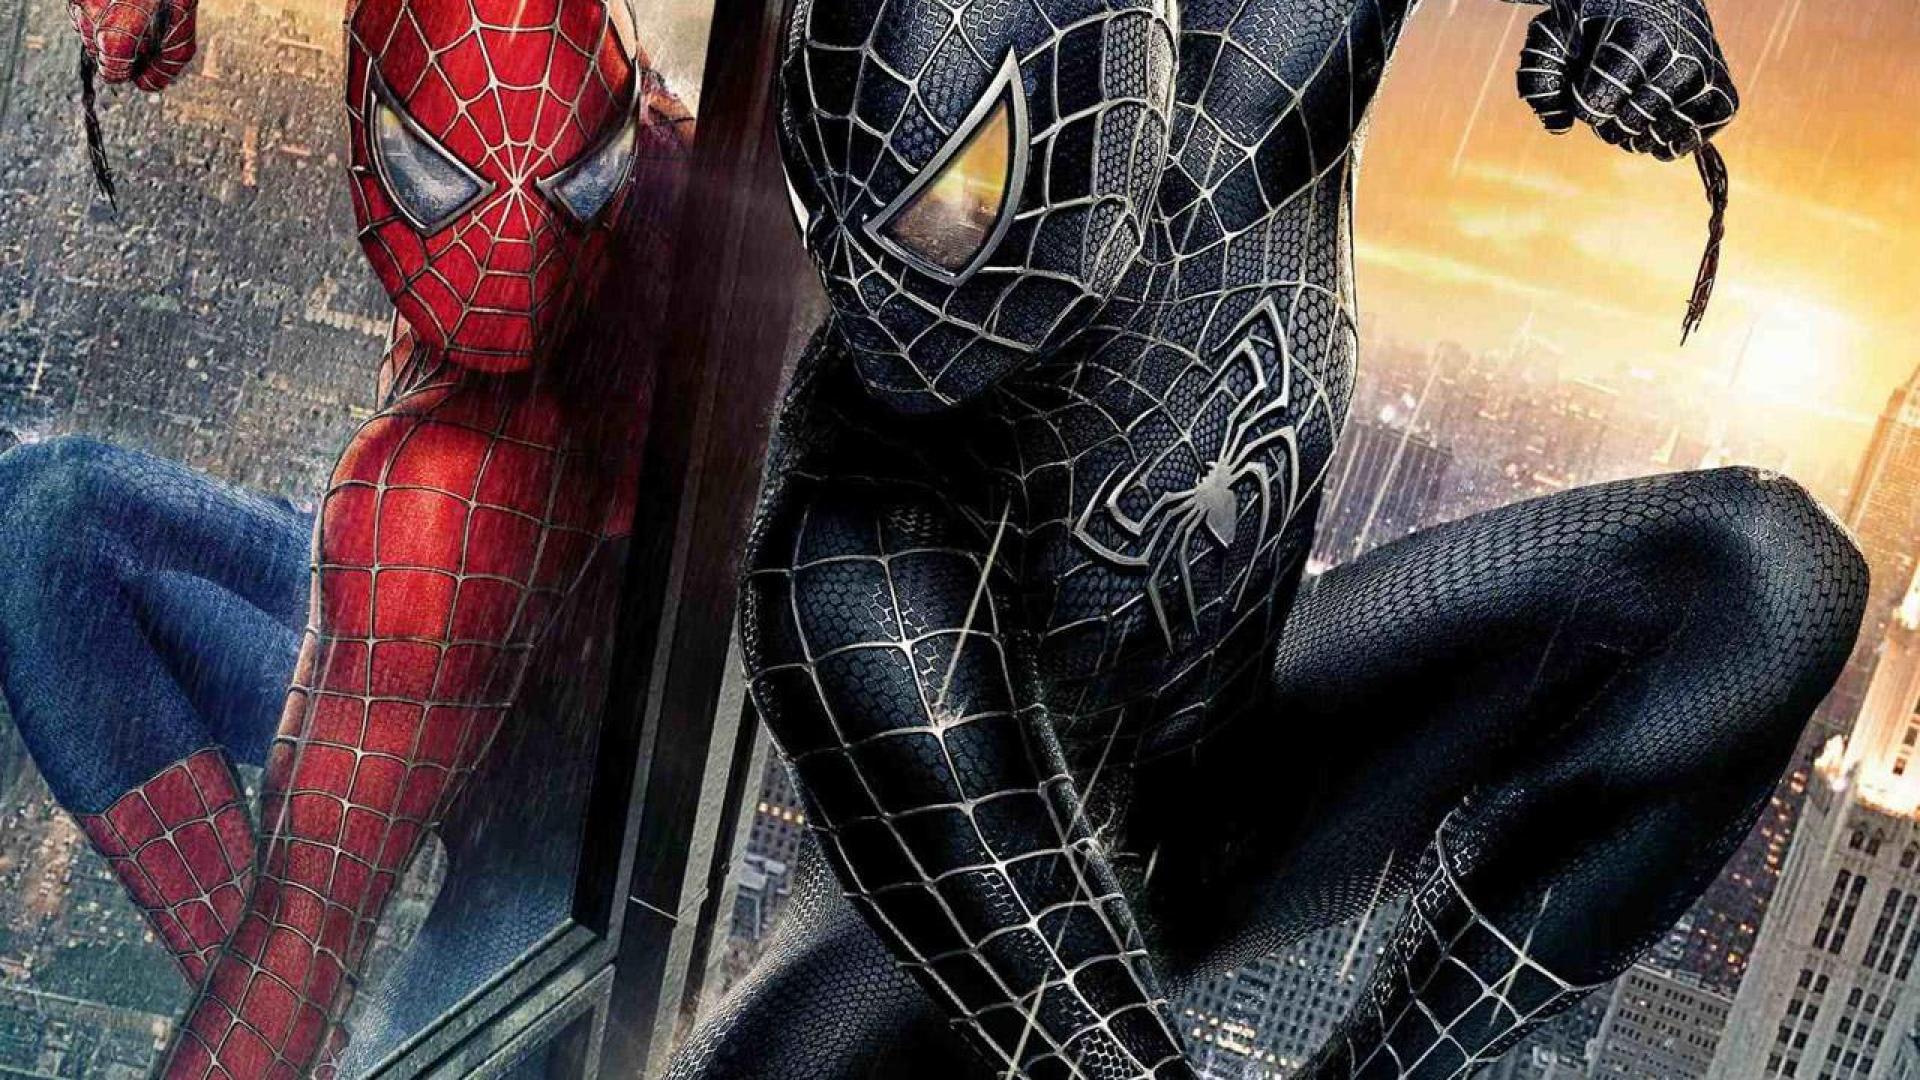 Black Spiderman Wallpaper Full Hd Spiderman 3 887402